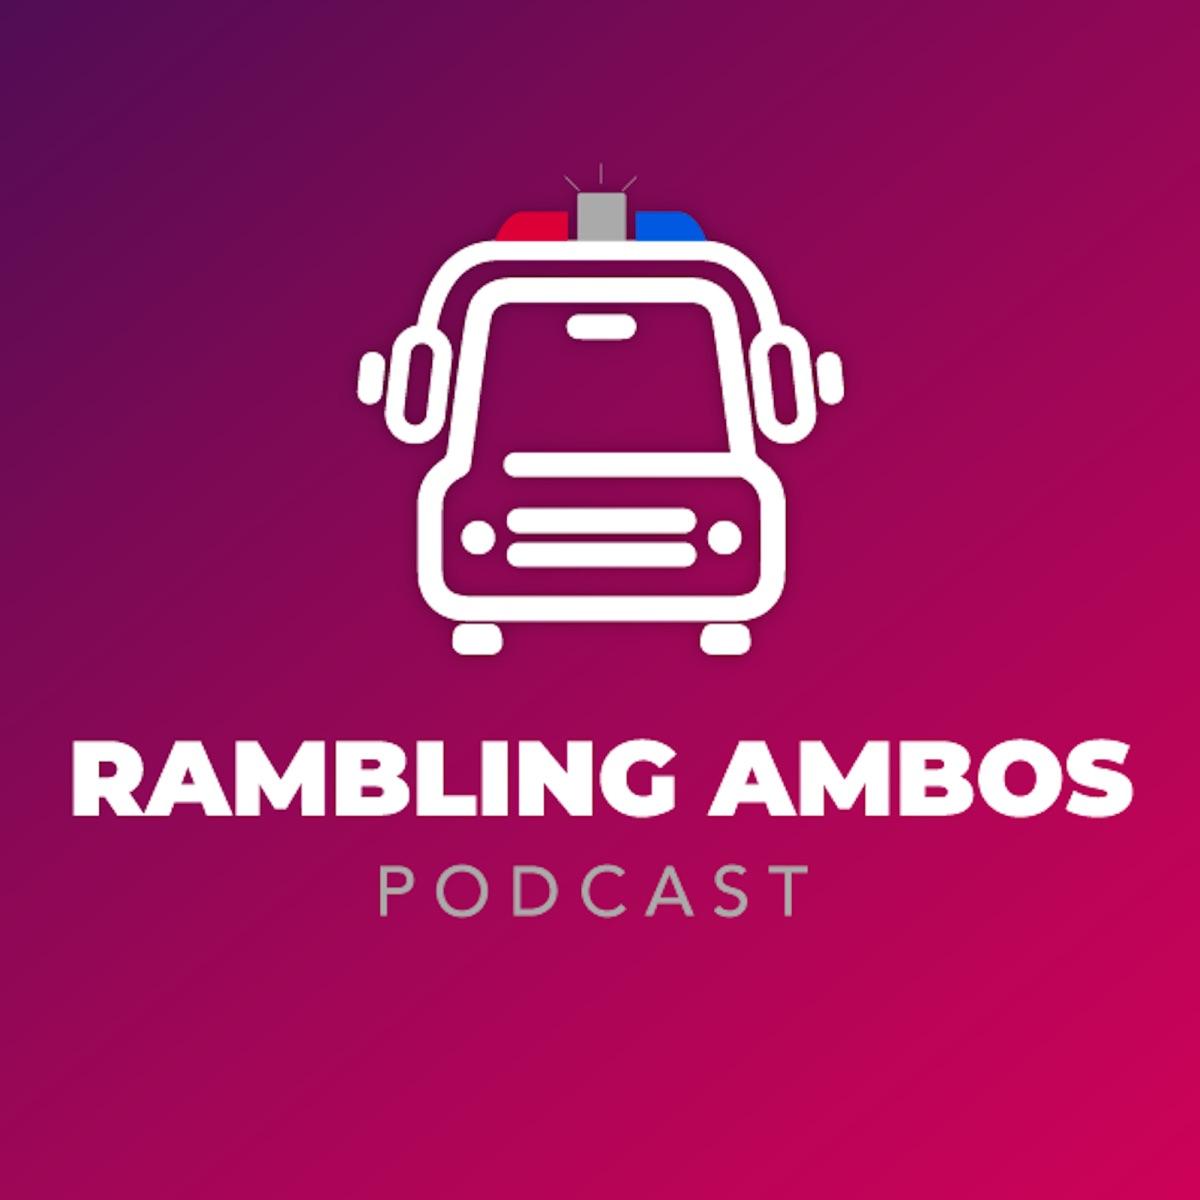 Rambling Ambos